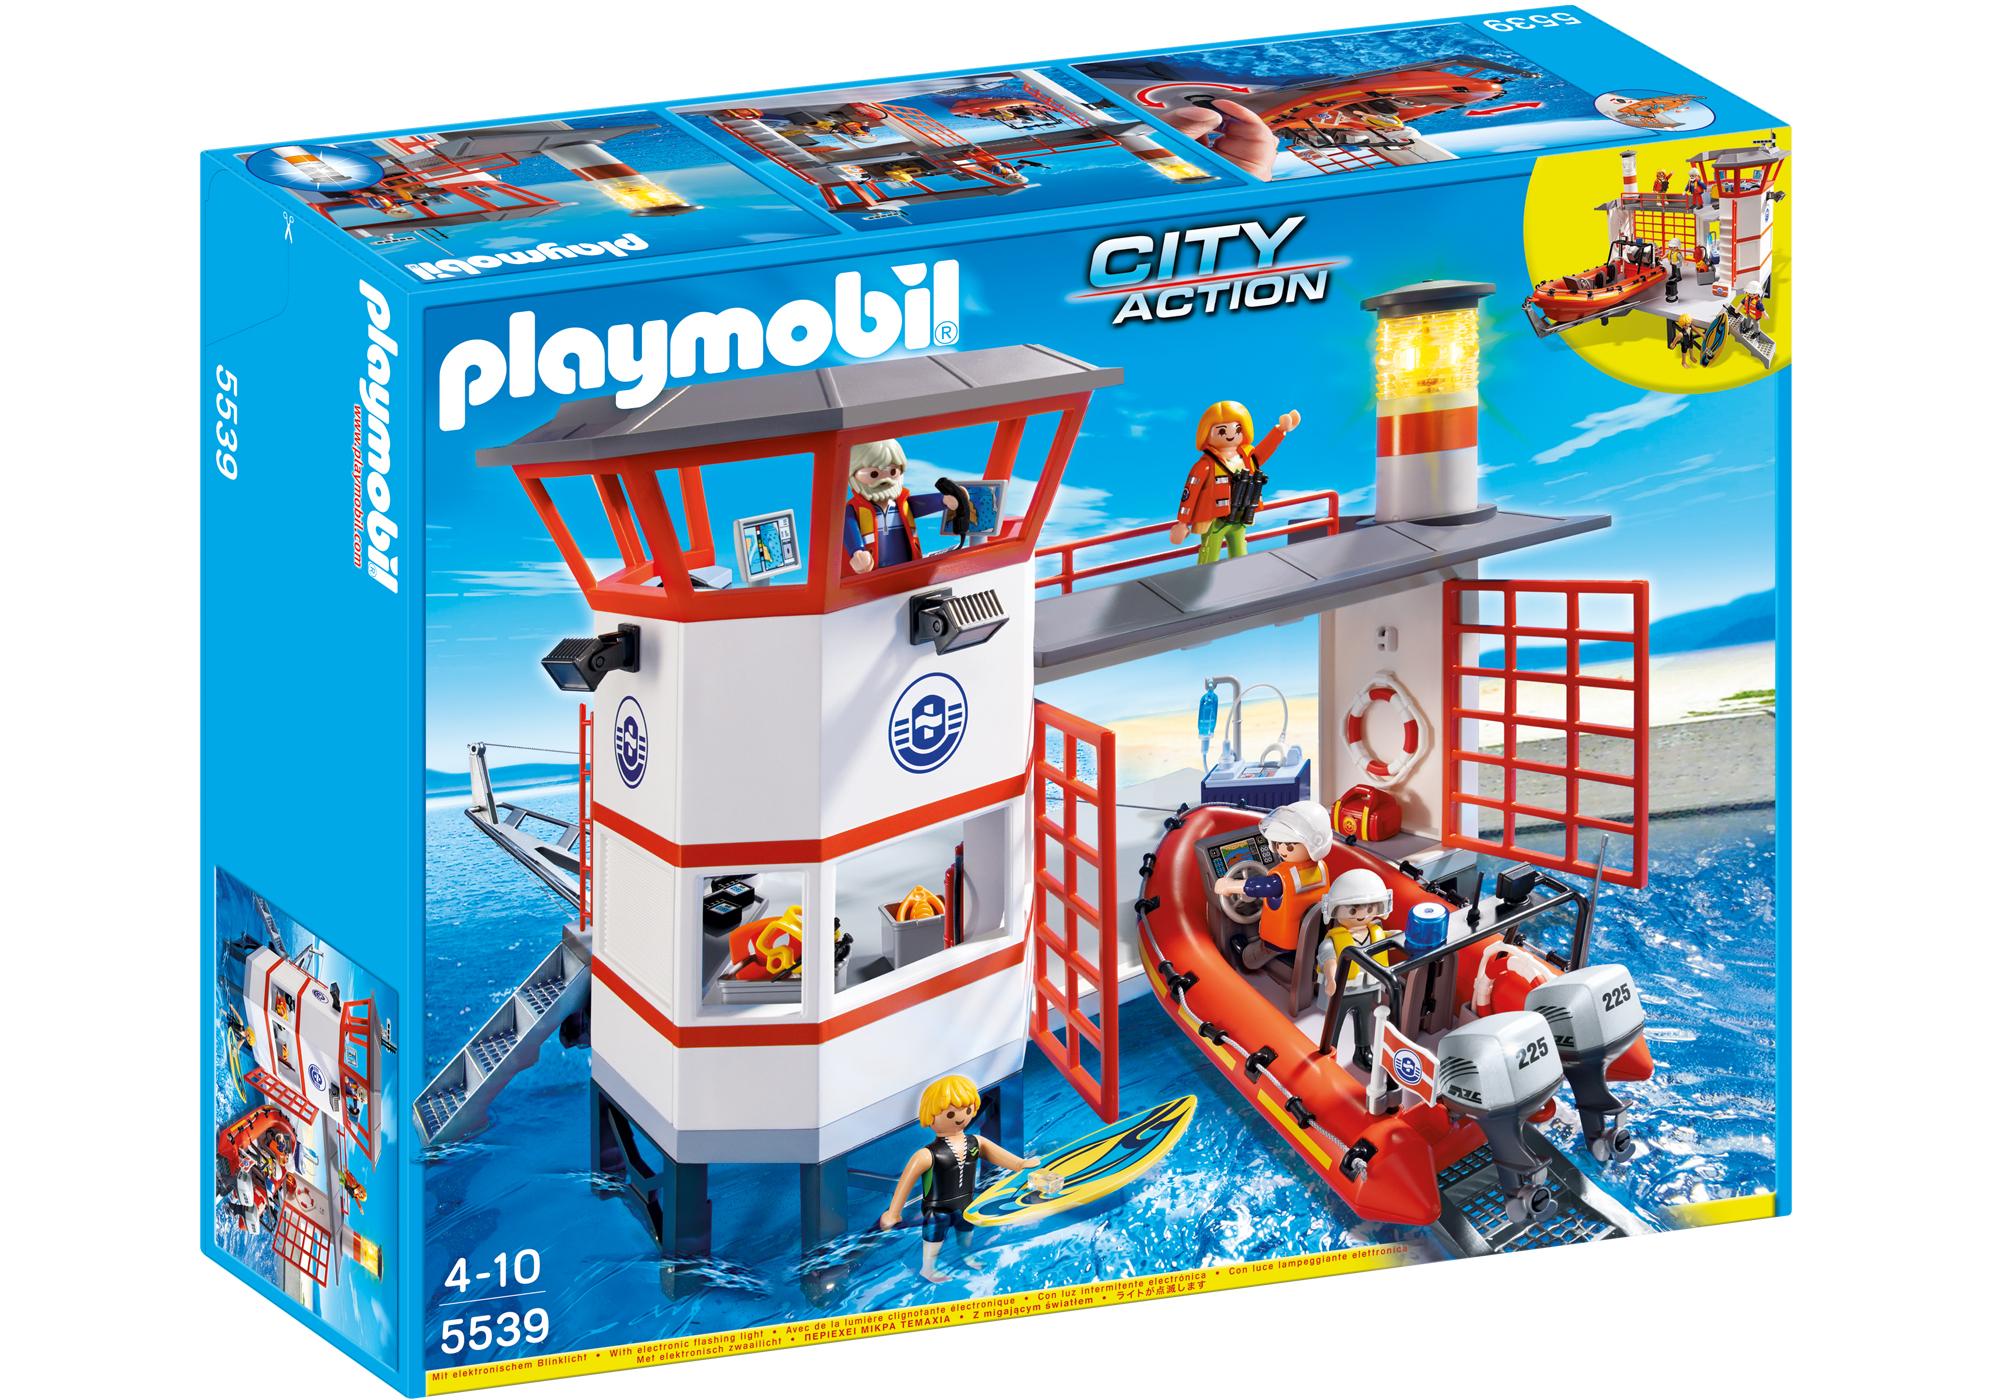 http://media.playmobil.com/i/playmobil/5539_product_box_front/Posto da Guarda costeira com Farol